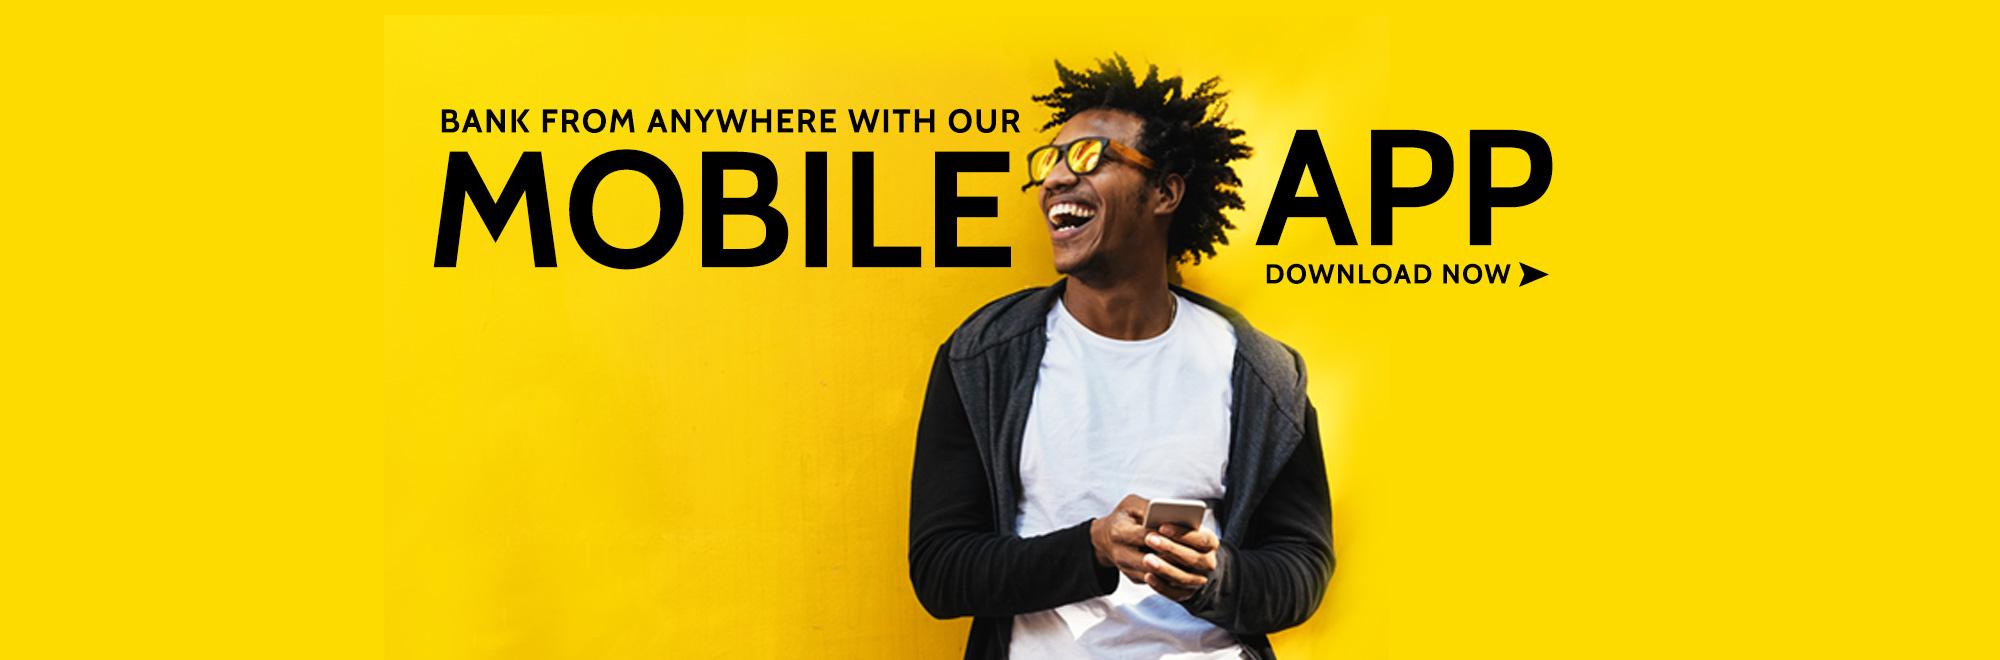 feb mobile app banner